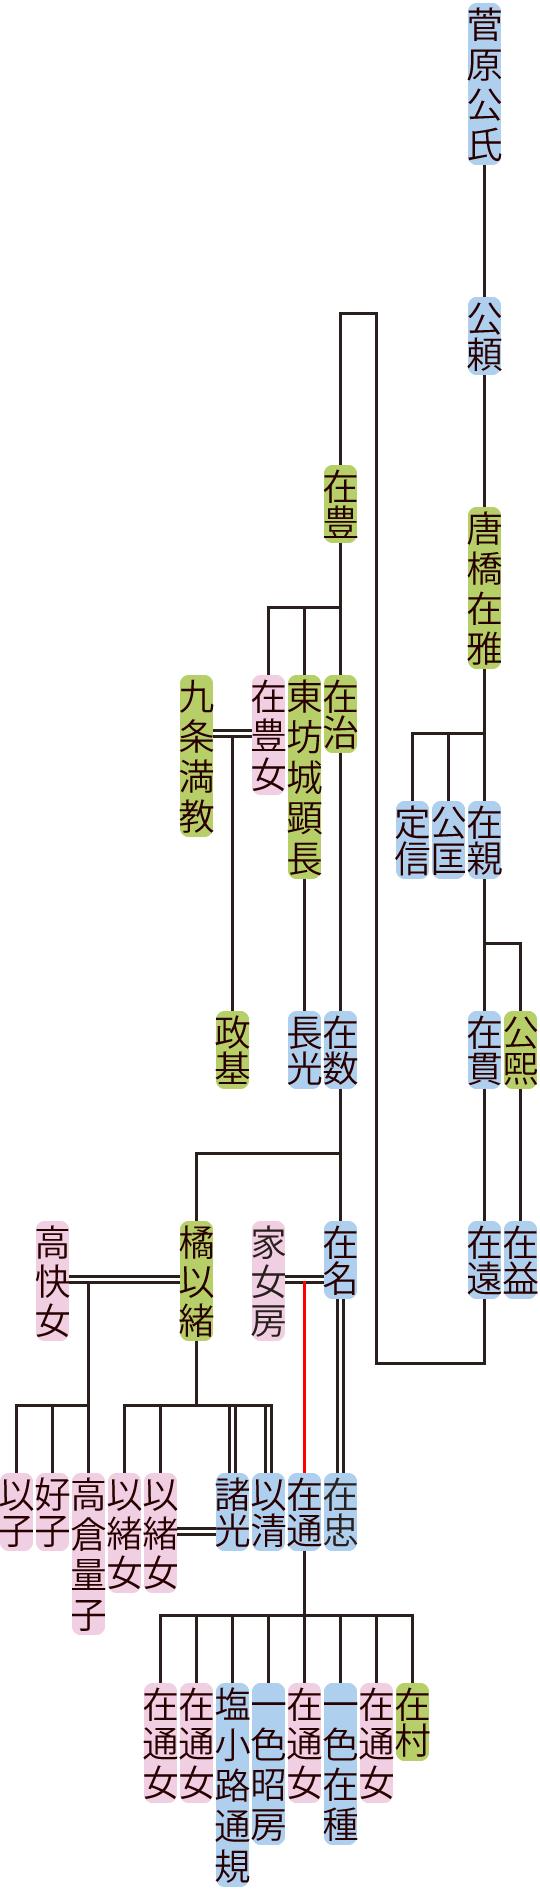 唐橋在雅~在名の系図